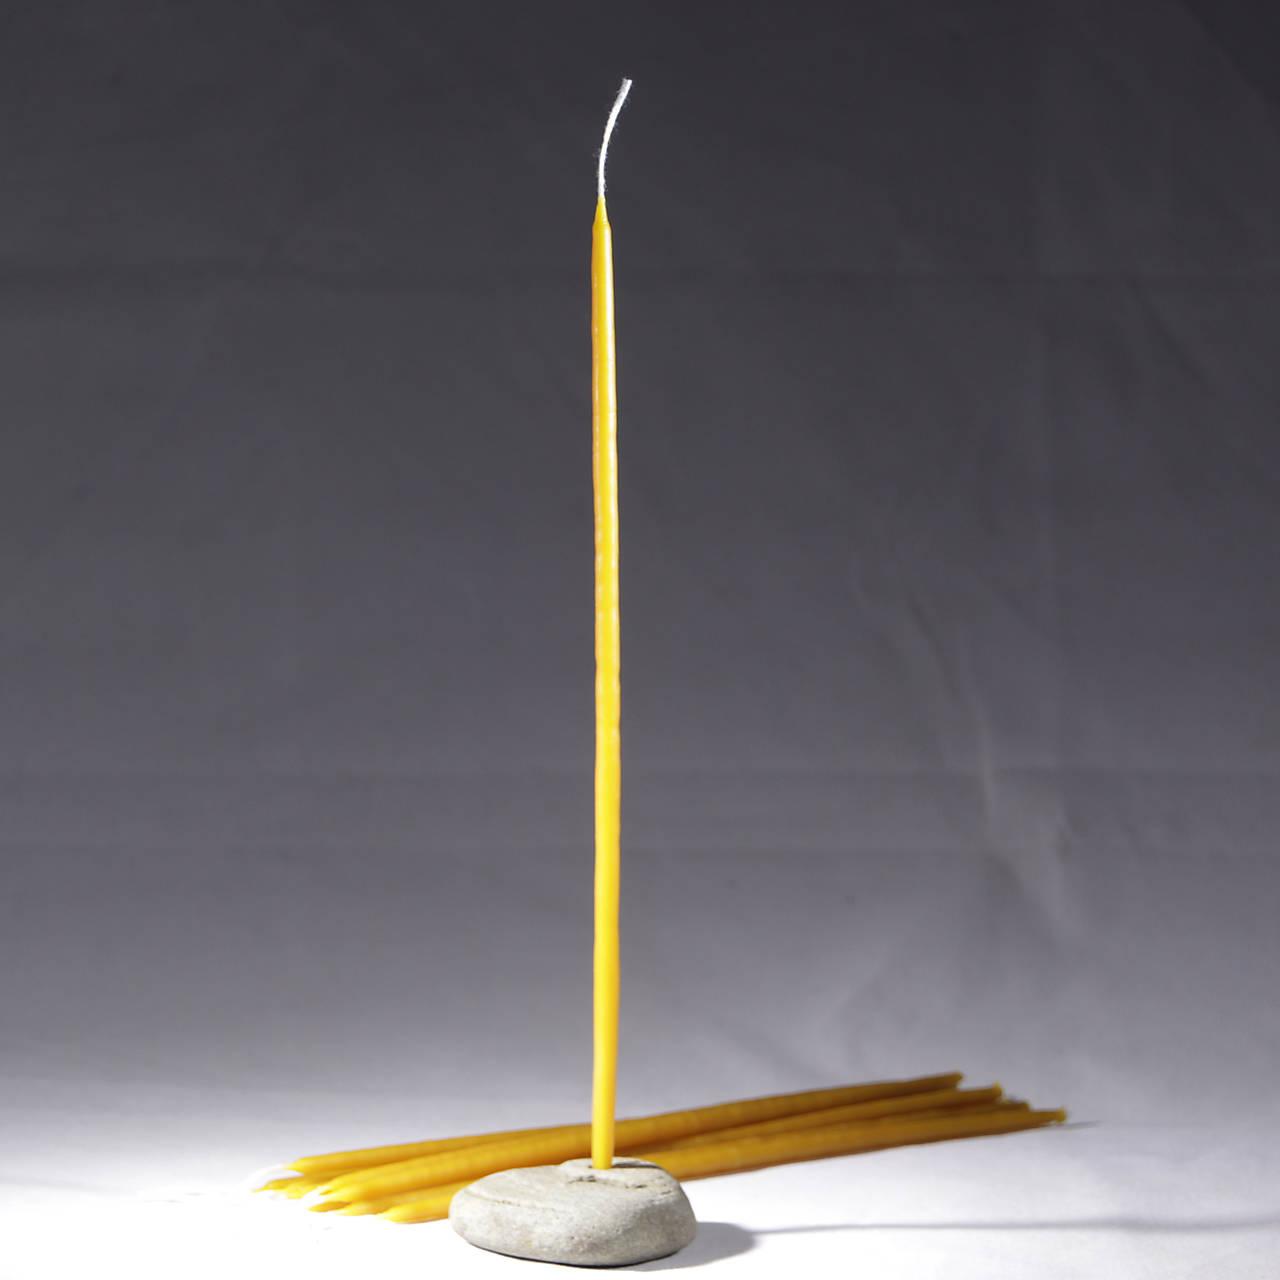 Vysoké, ešte tenšie, máčané Sviečky z včelieho vosku - 10 ks v darčekovej krabičke